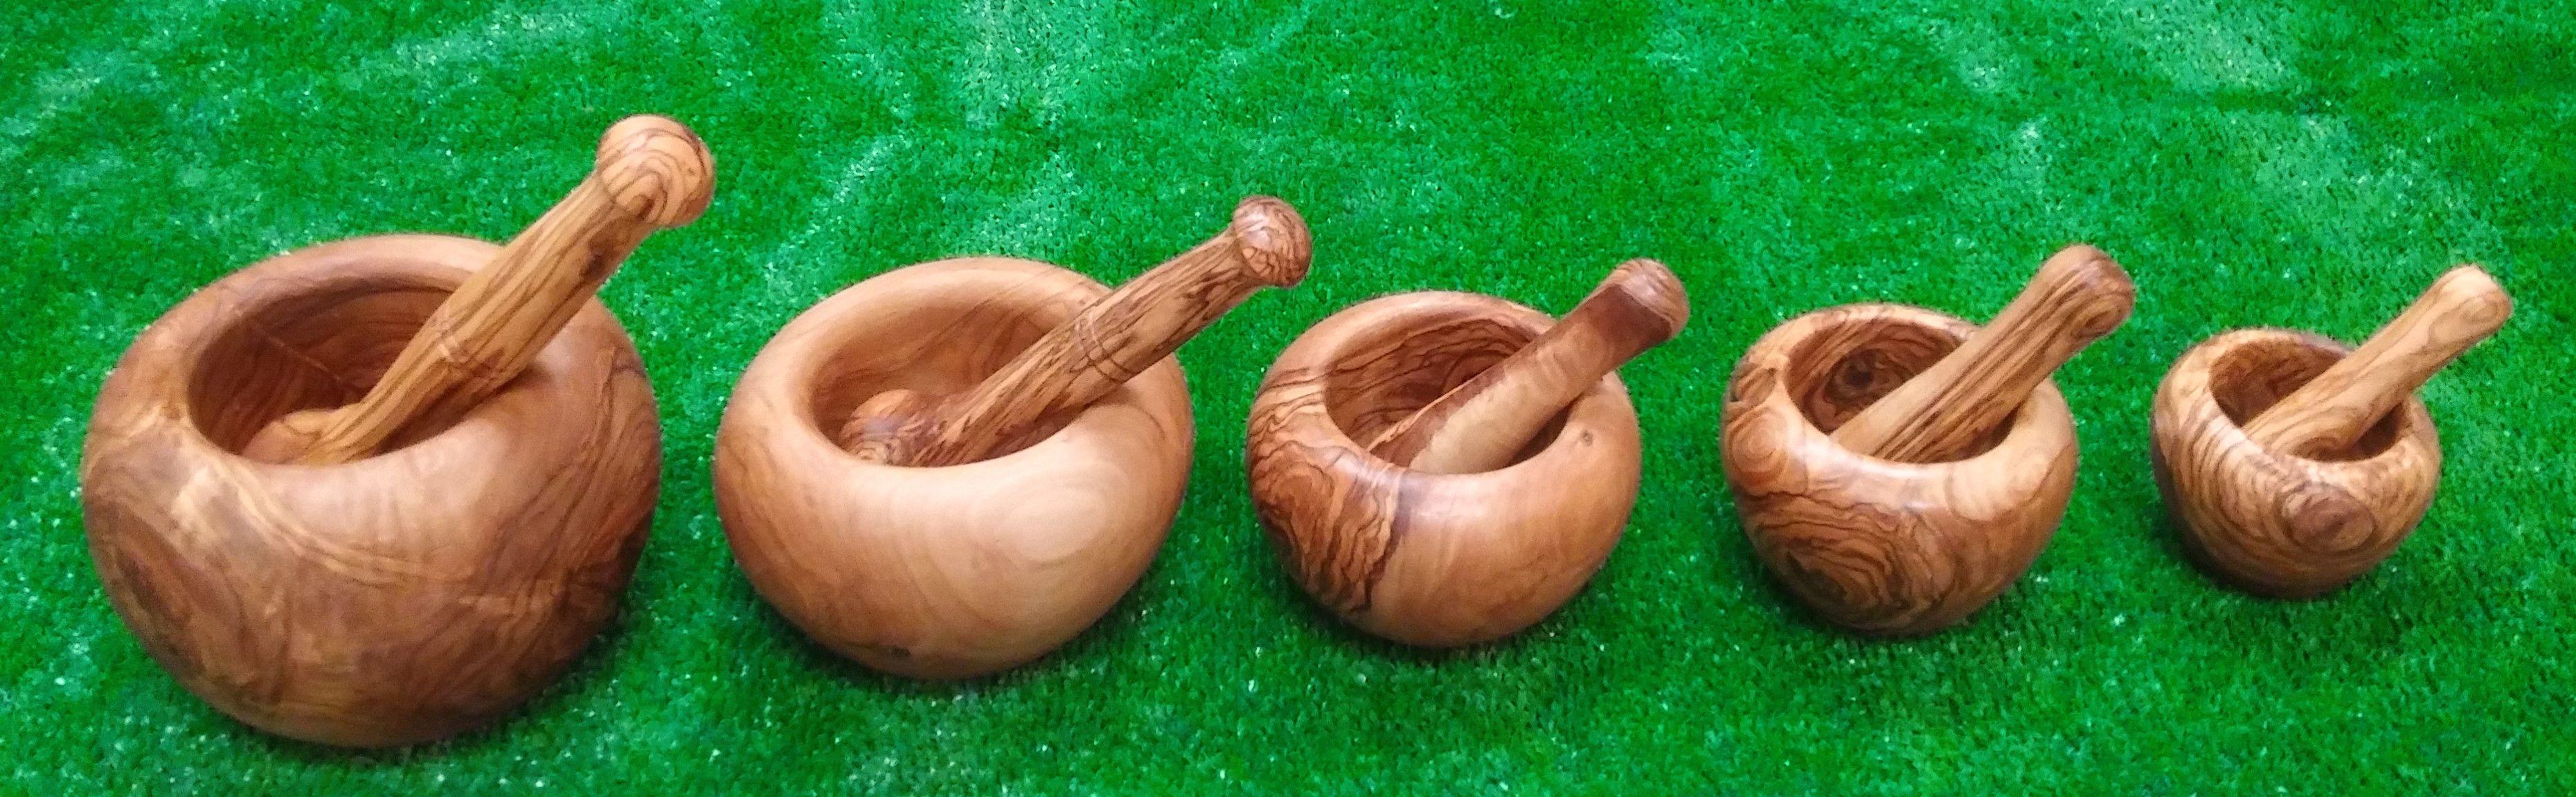 Morteros de madera de olivo